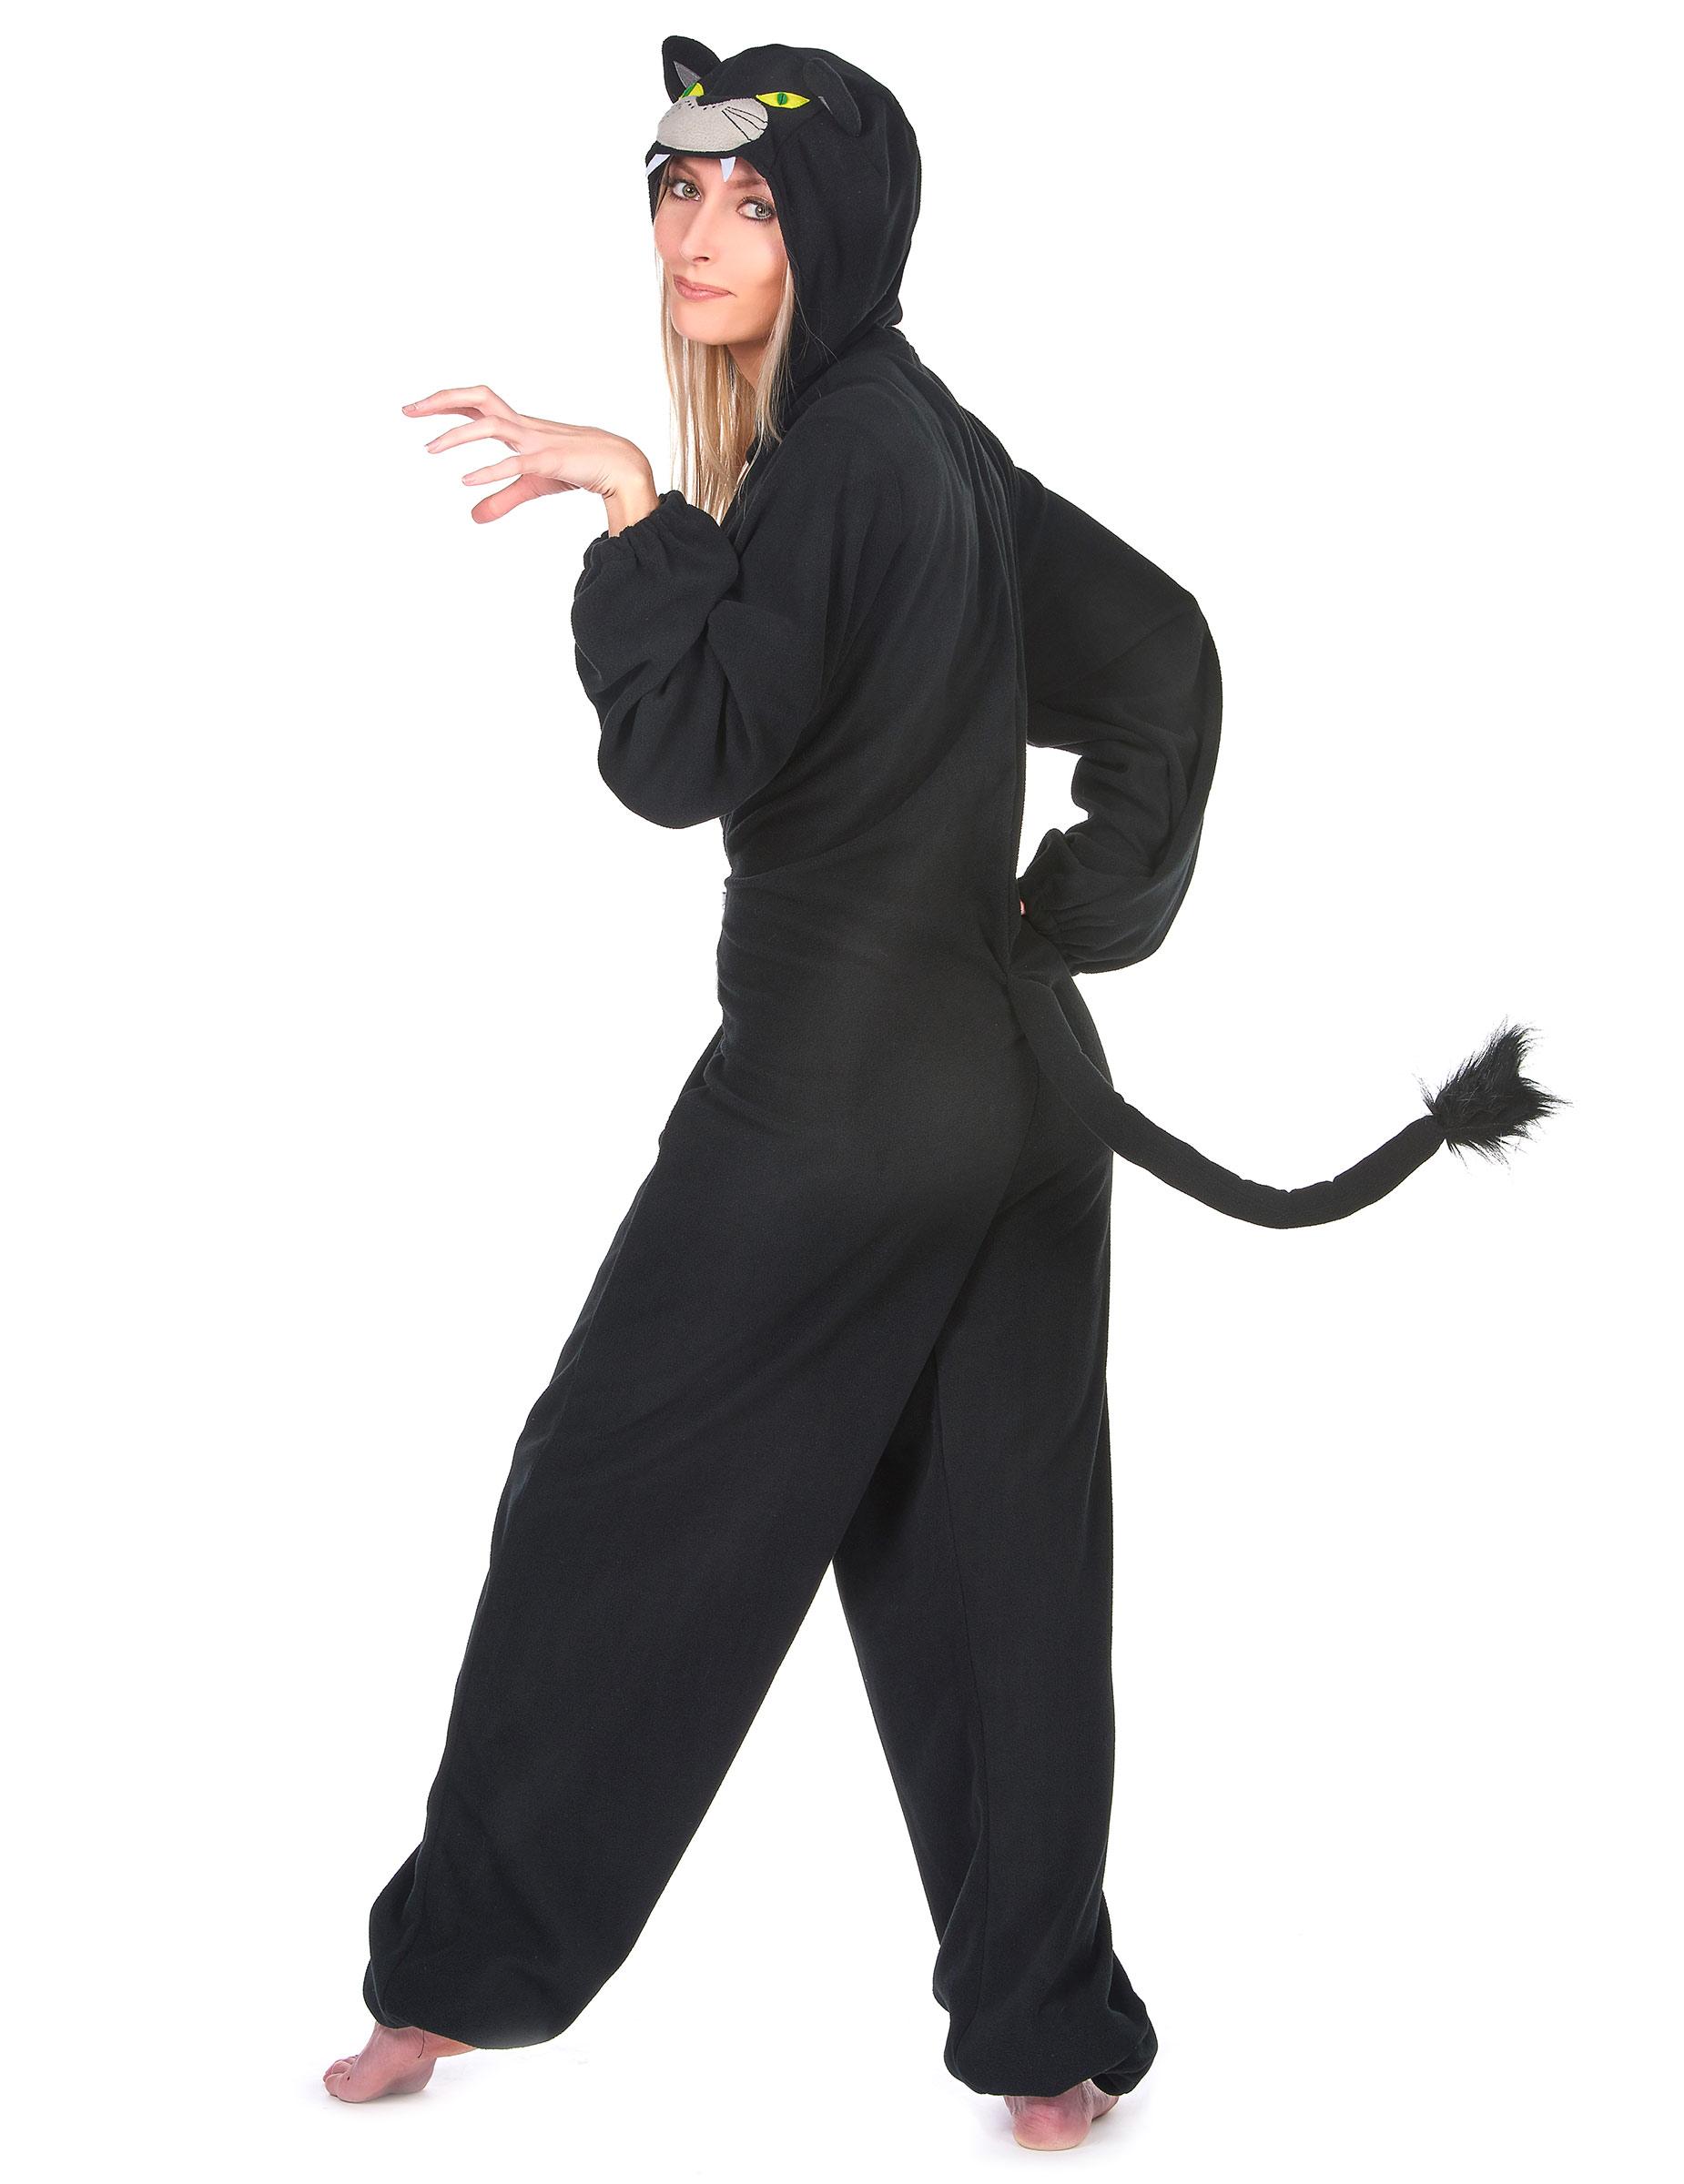 62ed521f16f243 Déguisement combinaison panthère noire femme : Deguise-toi, achat de ...